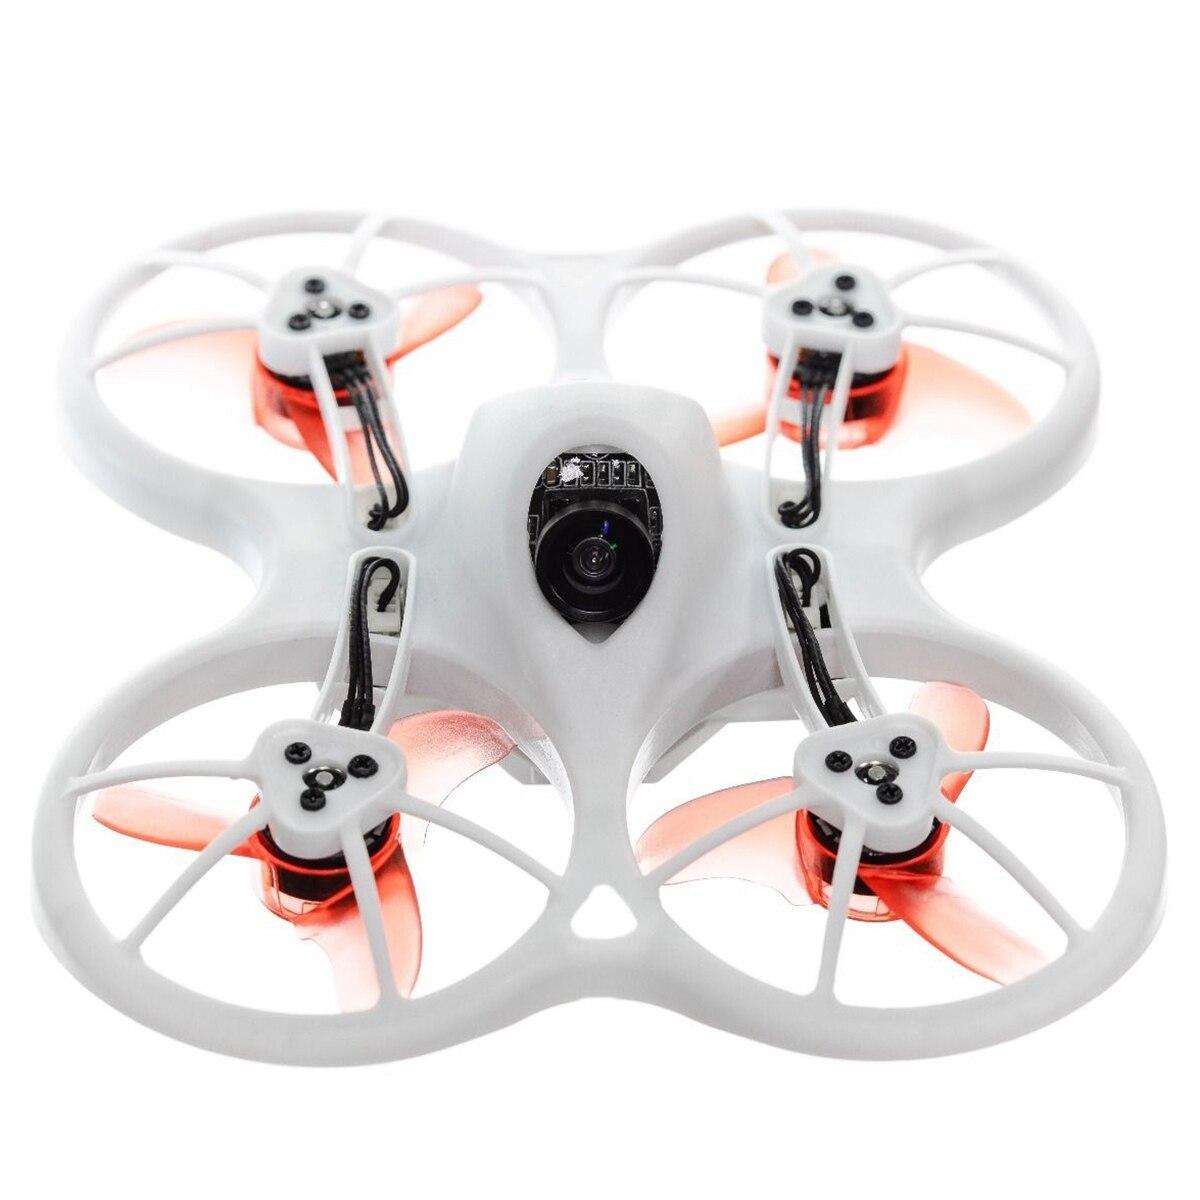 Emax Tinyhawk F4 4In1 3A 15000Kv 37Ch 25 Mw 600Tvl Vtx 1 S Coperta Fpv Da Corsa Drone Frsky D8 BnfEmax Tinyhawk F4 4In1 3A 15000Kv 37Ch 25 Mw 600Tvl Vtx 1 S Coperta Fpv Da Corsa Drone Frsky D8 Bnf